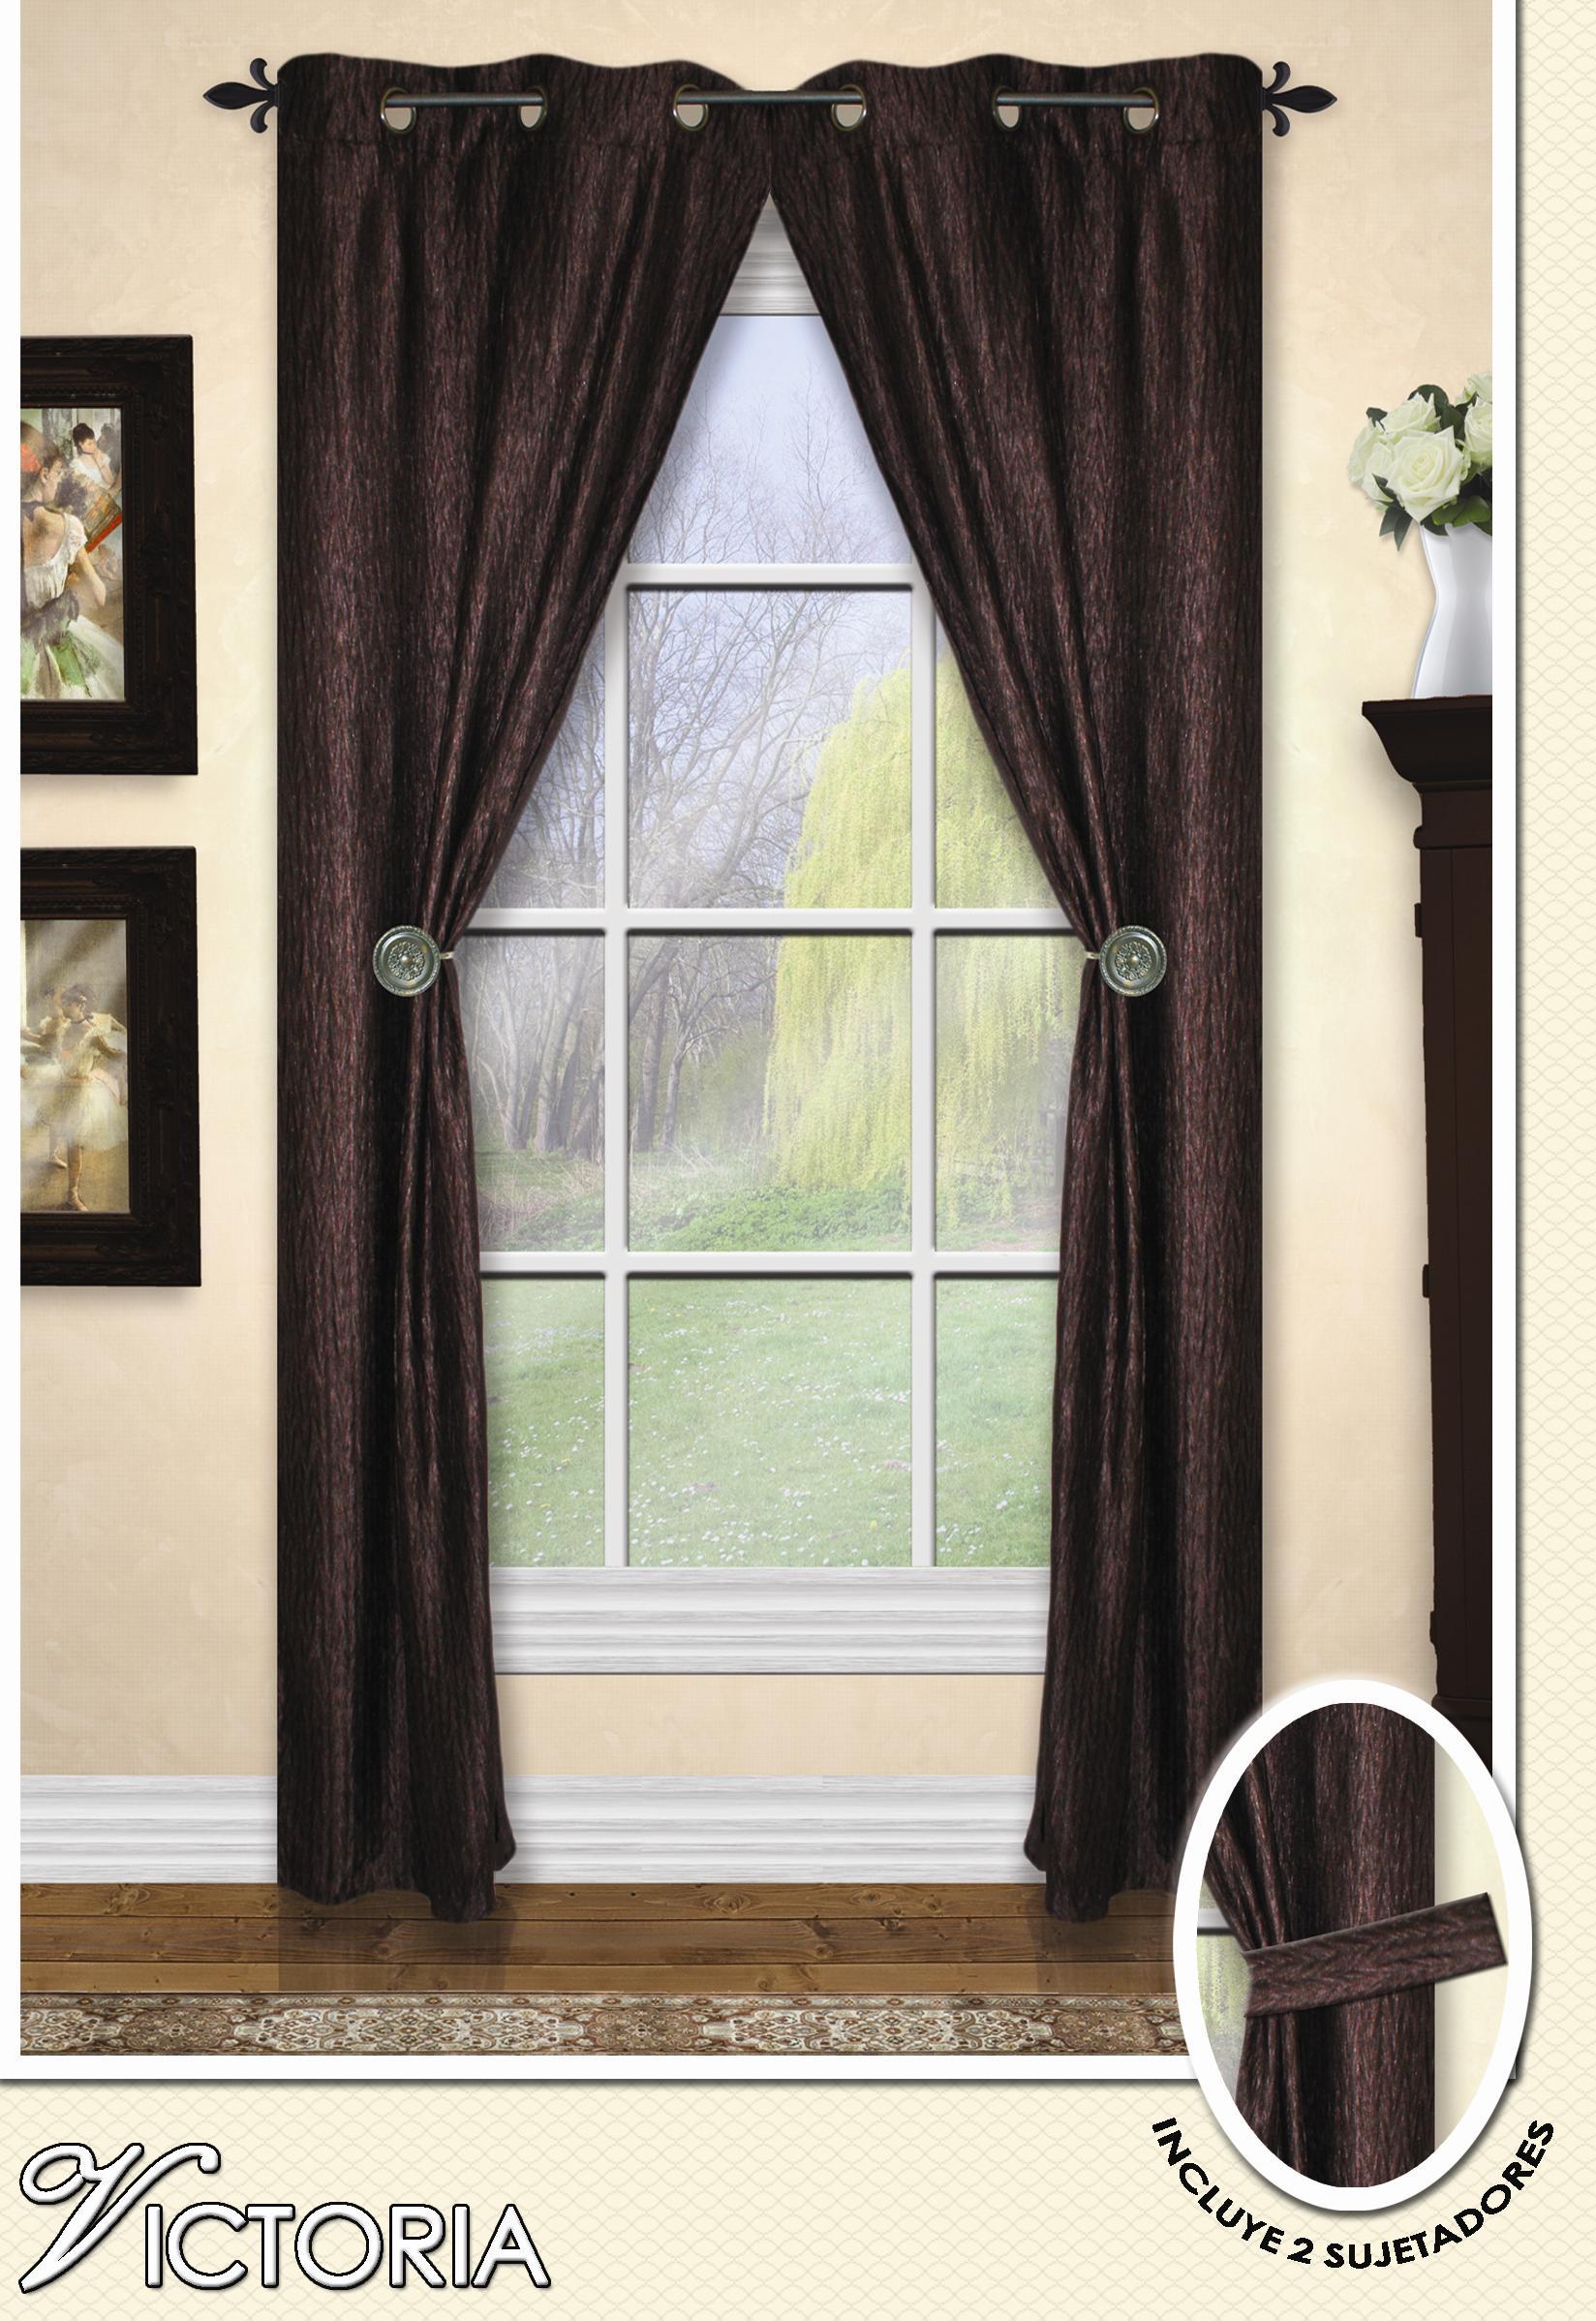 Merchandising Services proveedor de persianas cortinas y